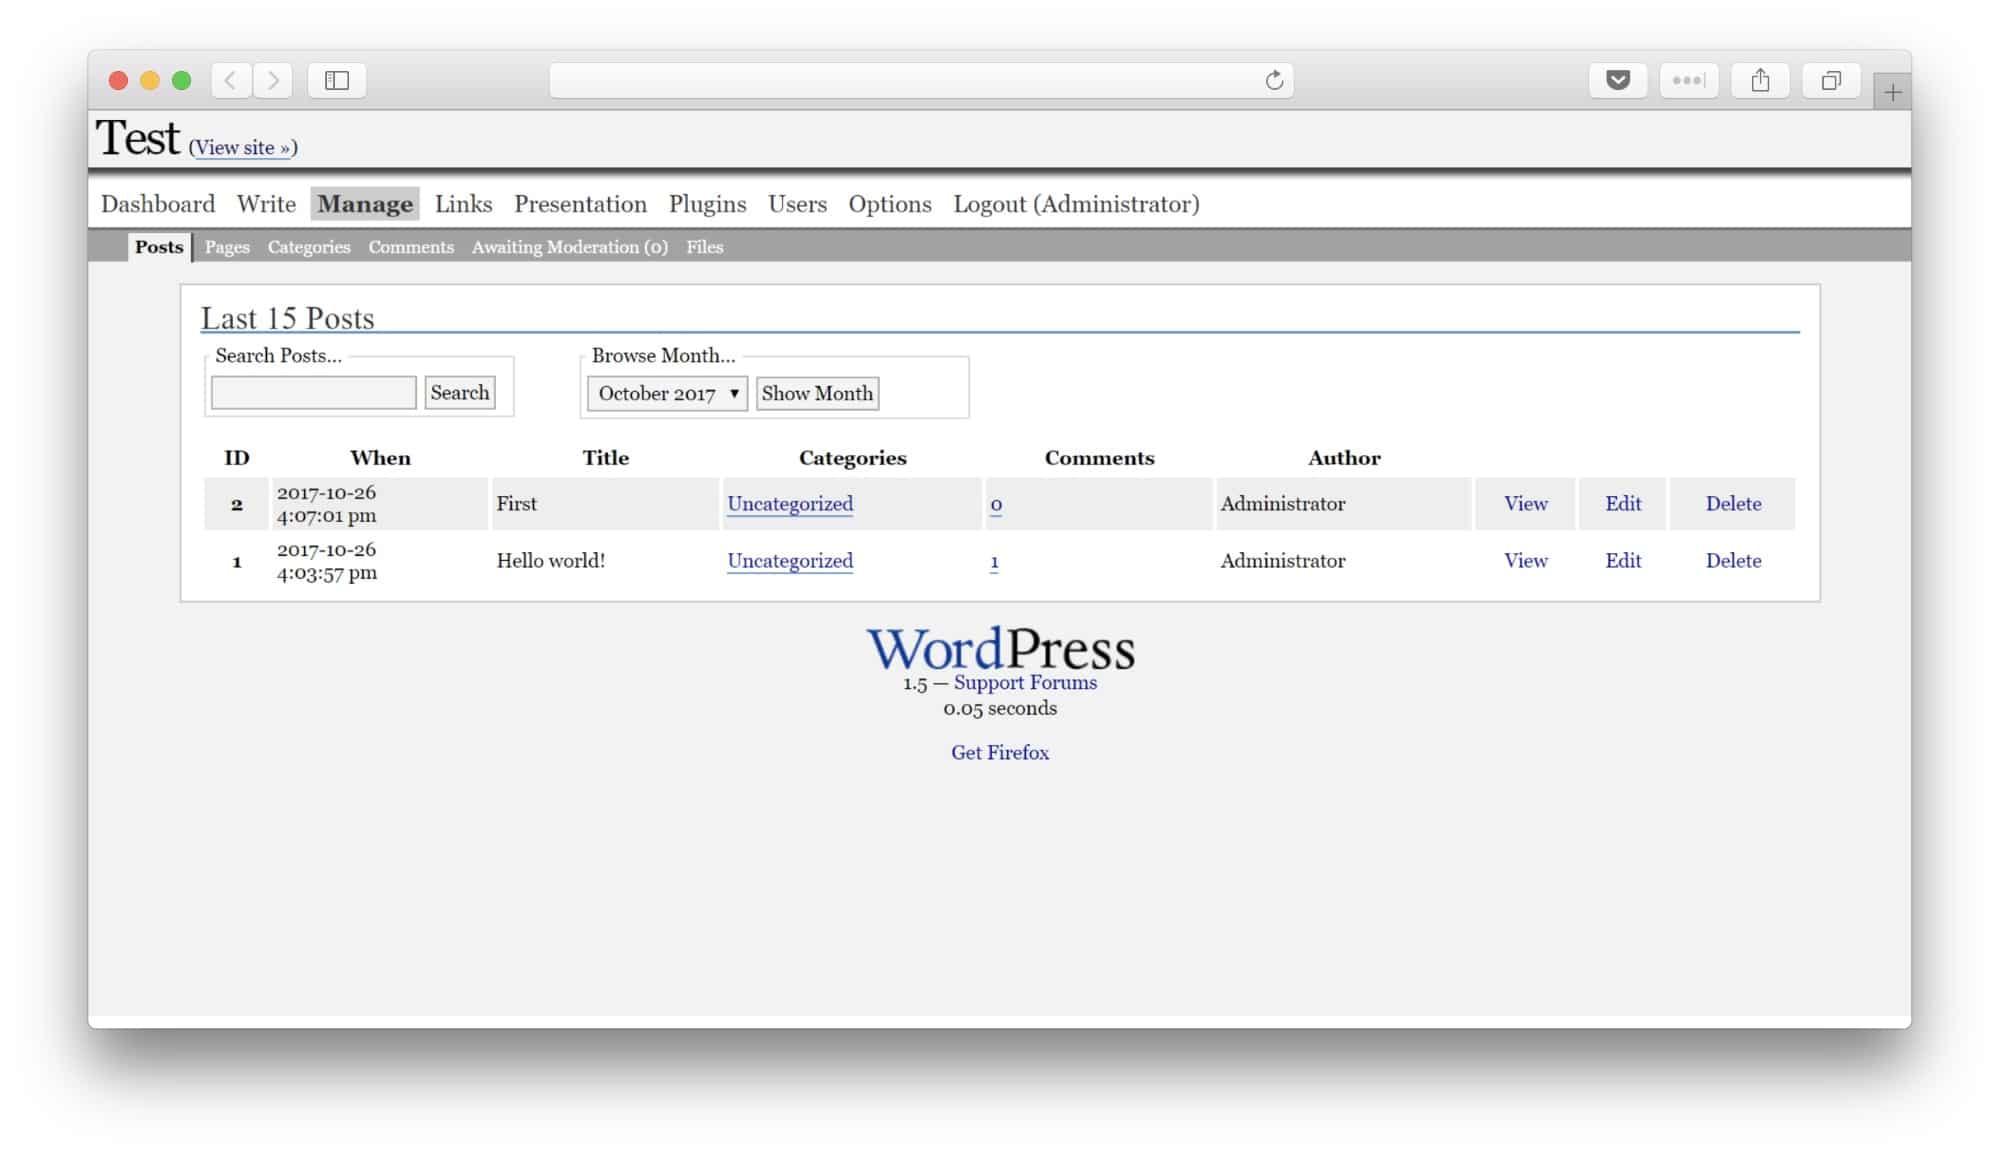 WordPress 1.5 edit